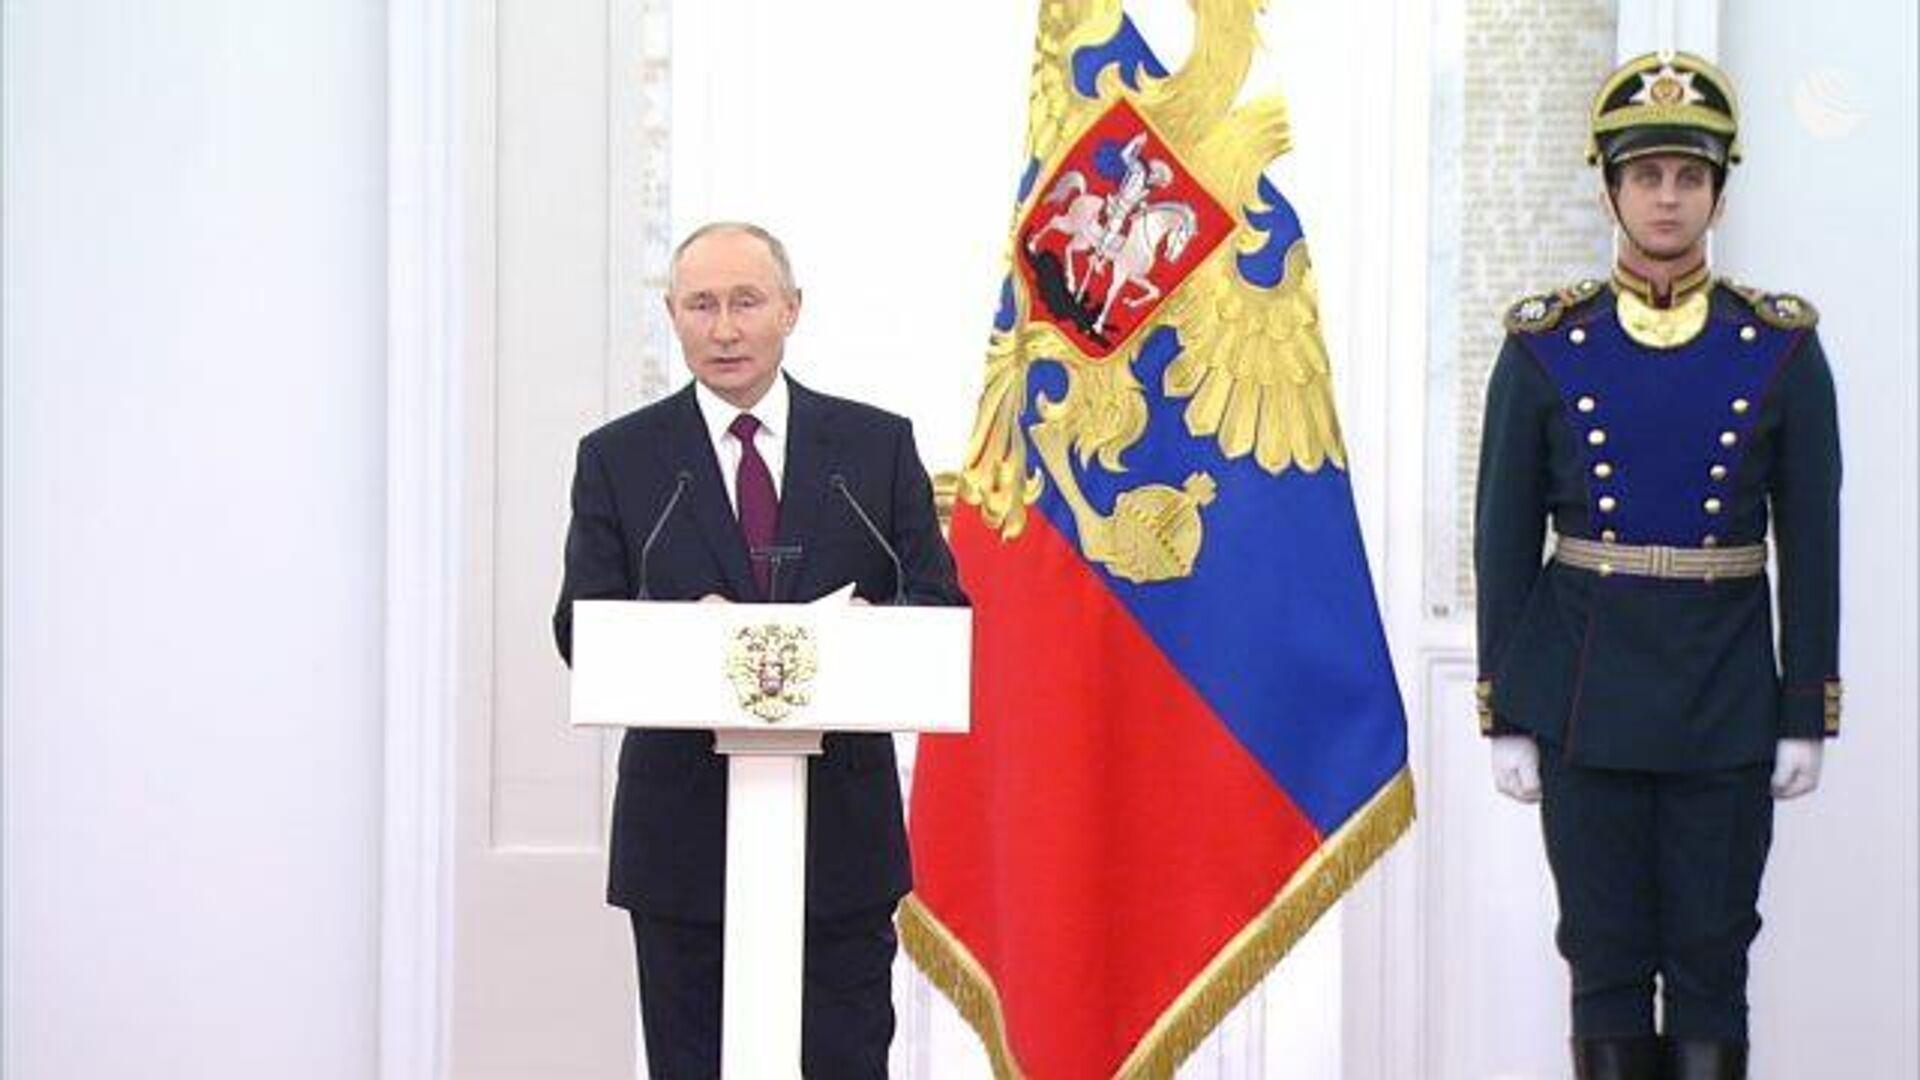 Путин на церемонии вручения госнаград поздравил граждан с Днем России - РИА Новости, 1920, 12.06.2021